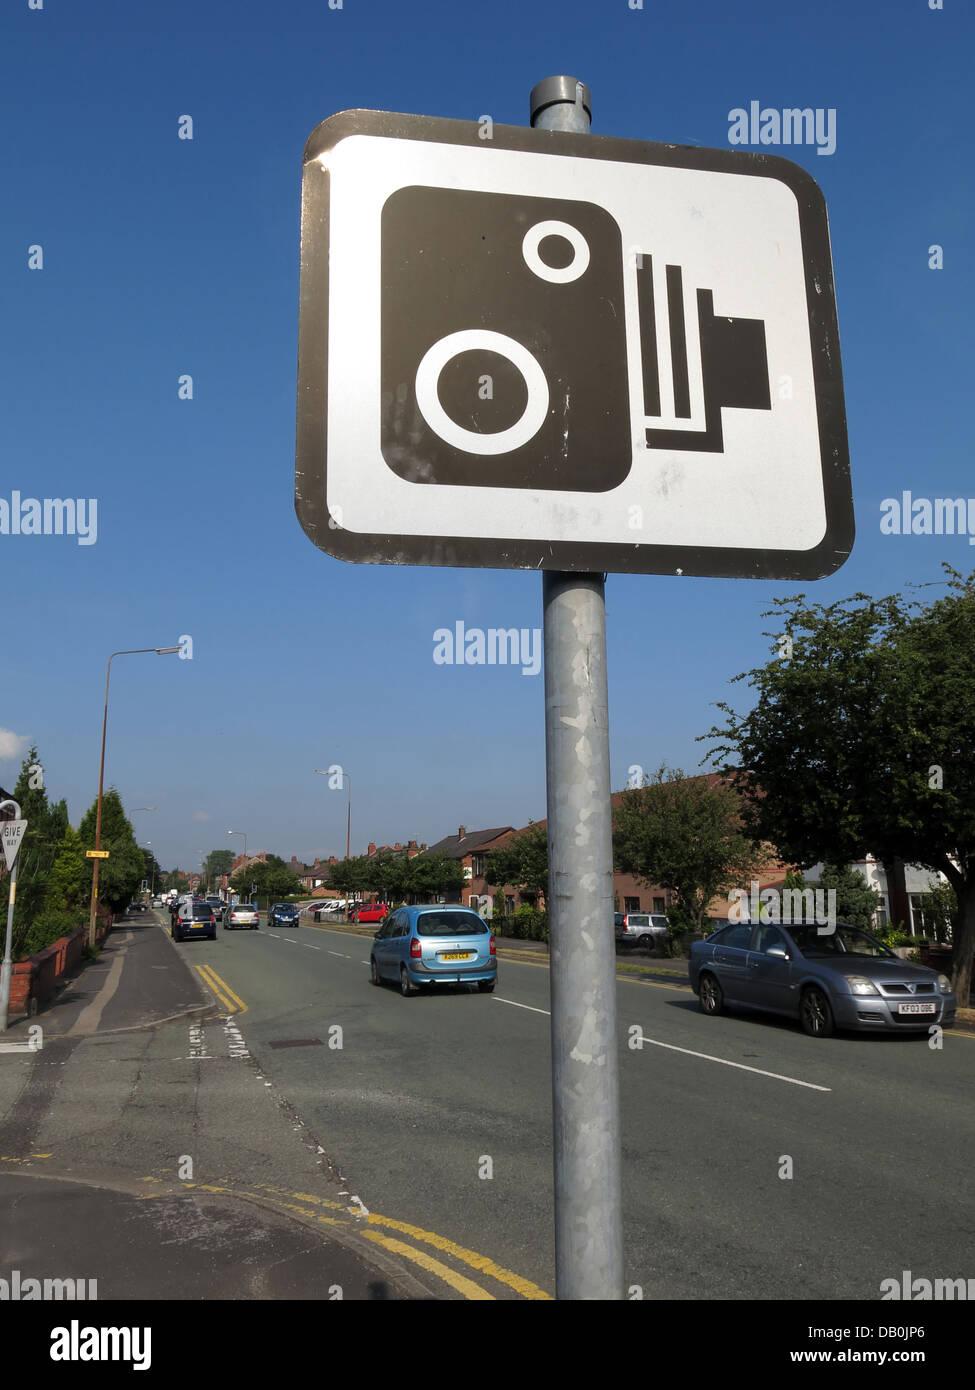 Laden Sie dieses Alamy Stockfoto Britische Blitzer melden Sie vor einen blauen Sommerhimmel, an der Hauptstraße A50 - DB0JP6